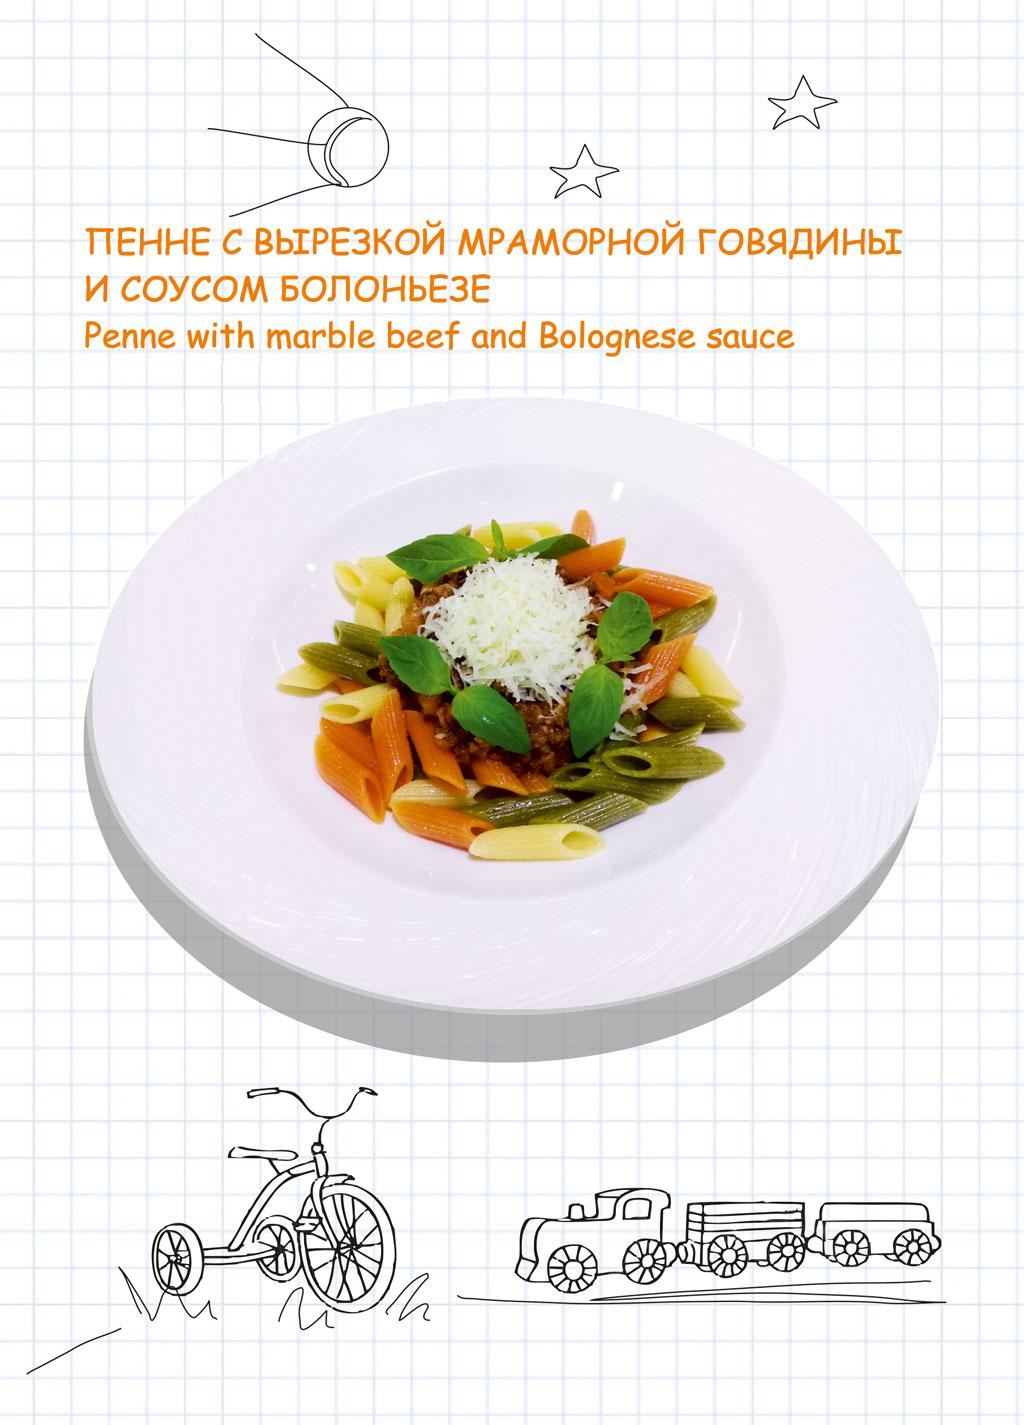 Пенне с вырезкой мраморной говядины и соусом болоньезе (Penne with marble beef and bolognese sauce) в ресторане Аннам Брахма в Оренбурге